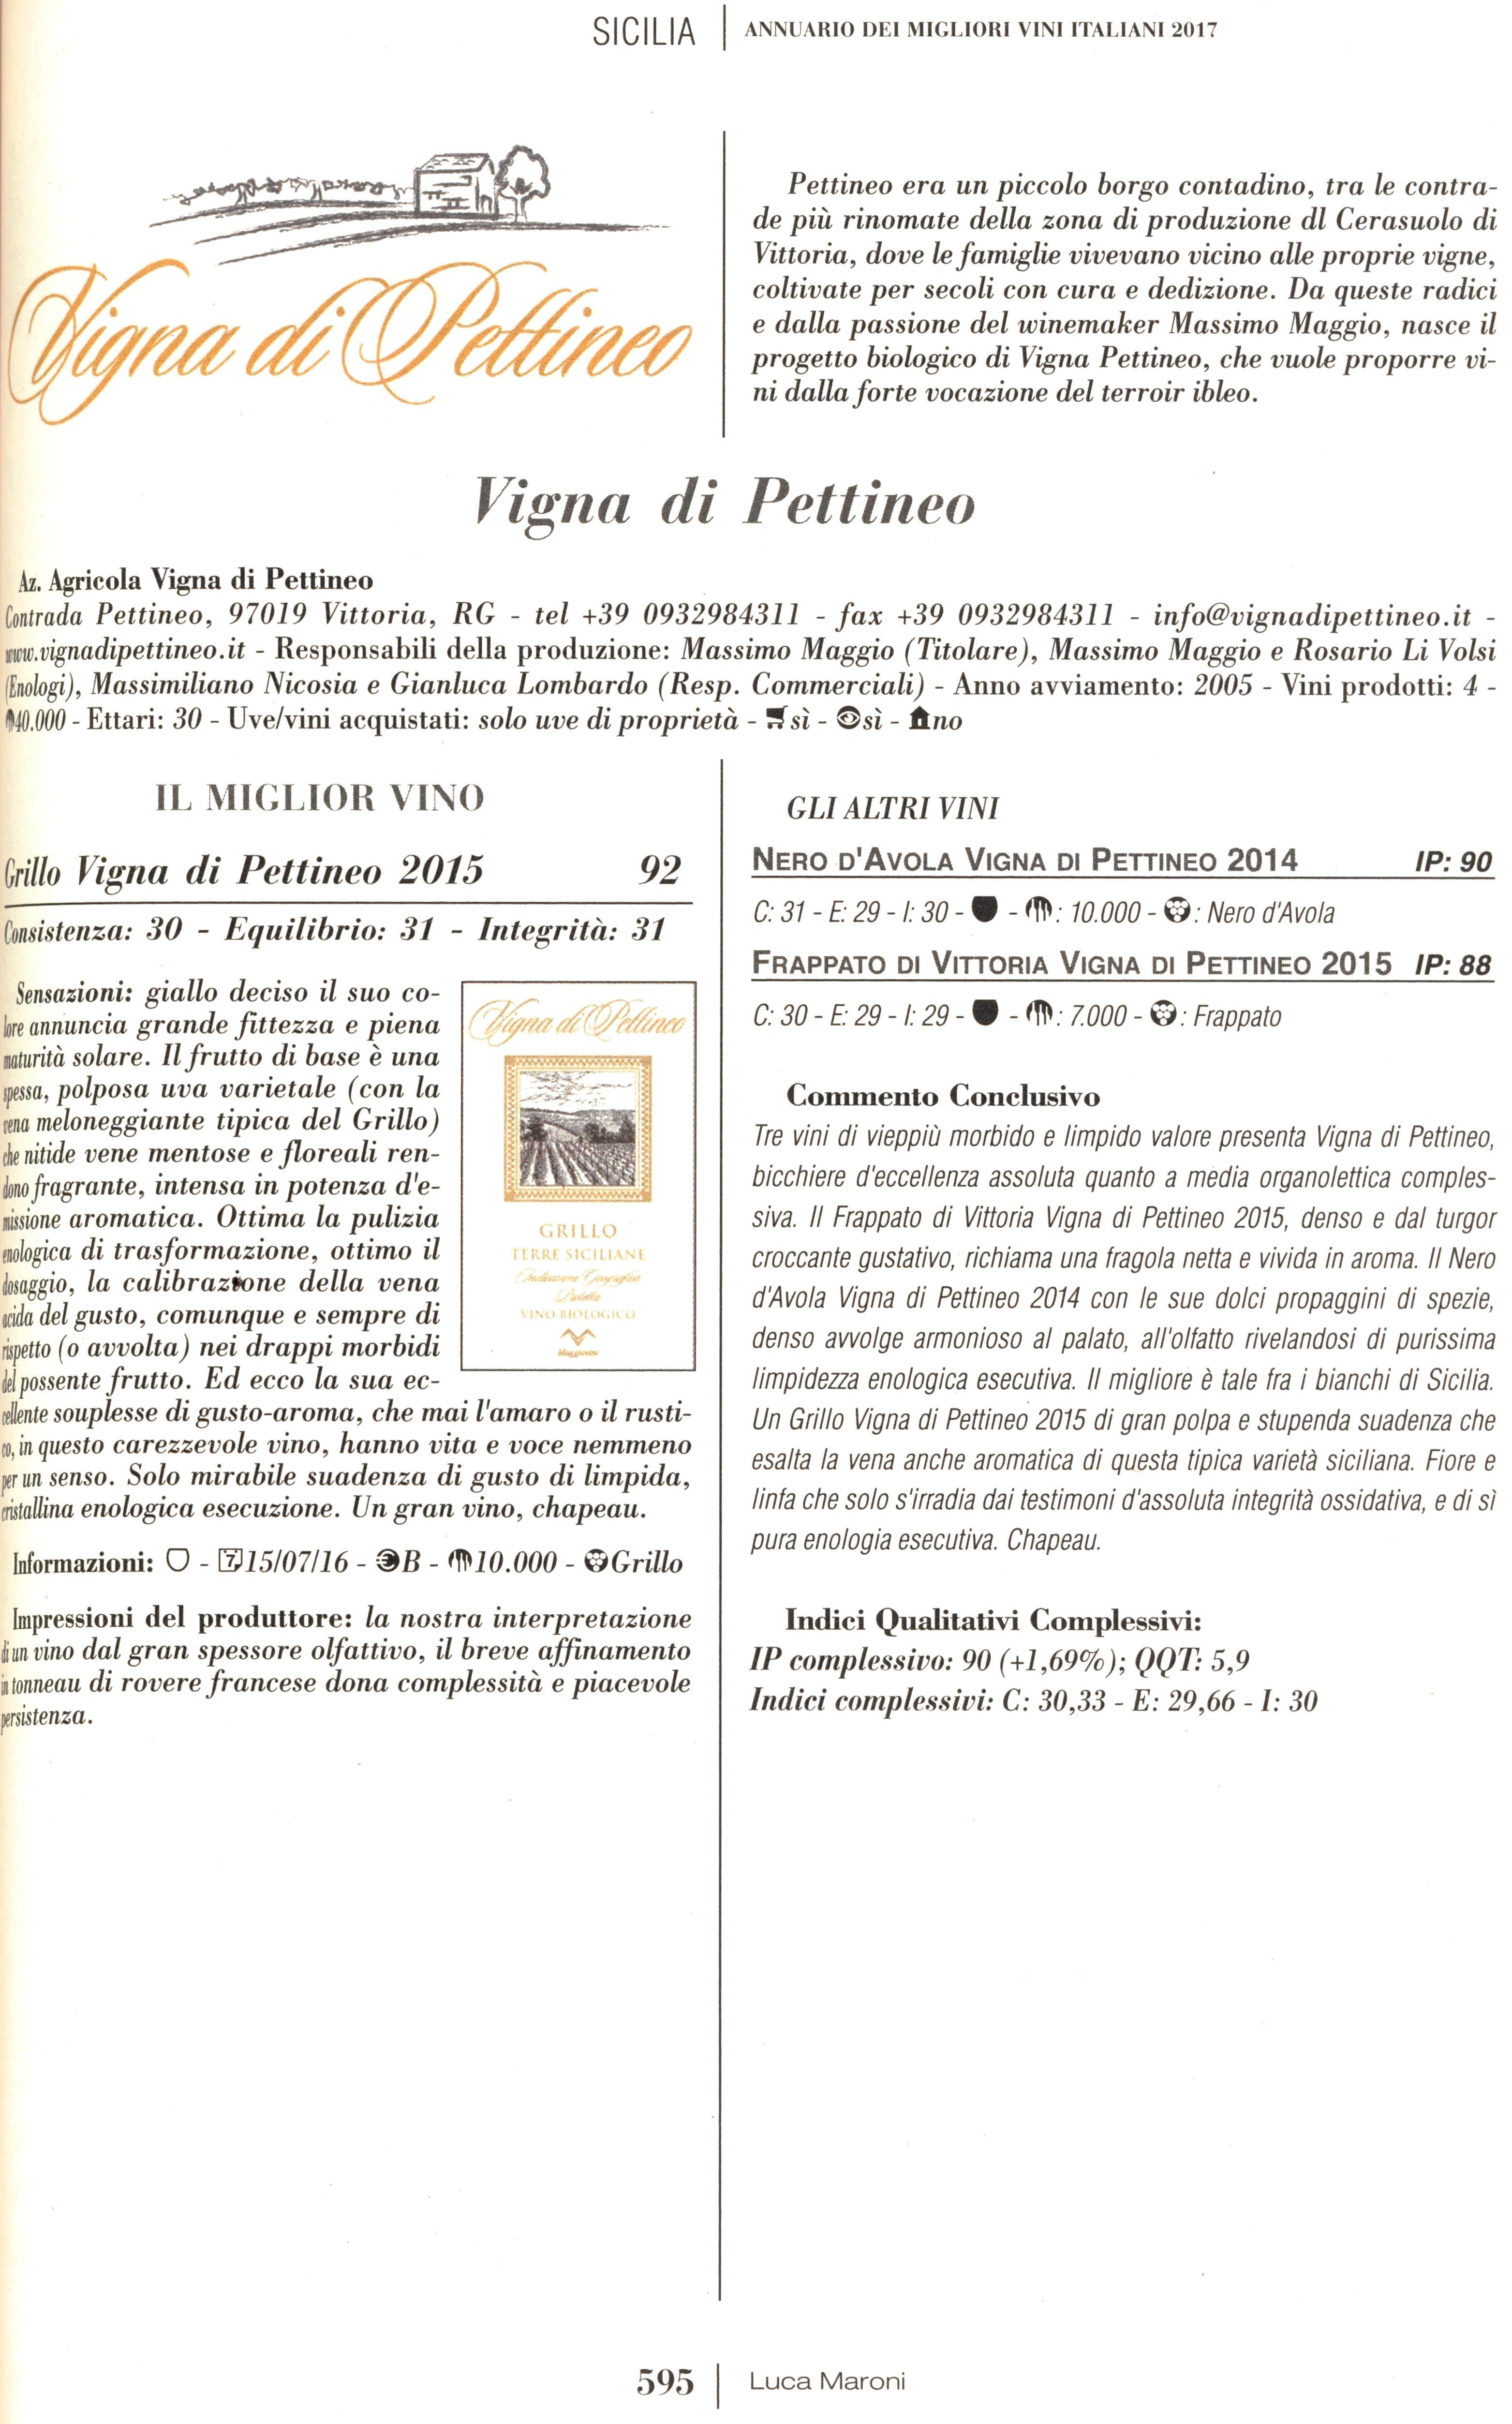 Recensione guida Luca Maroni 2017 - Vigna di Pettineo